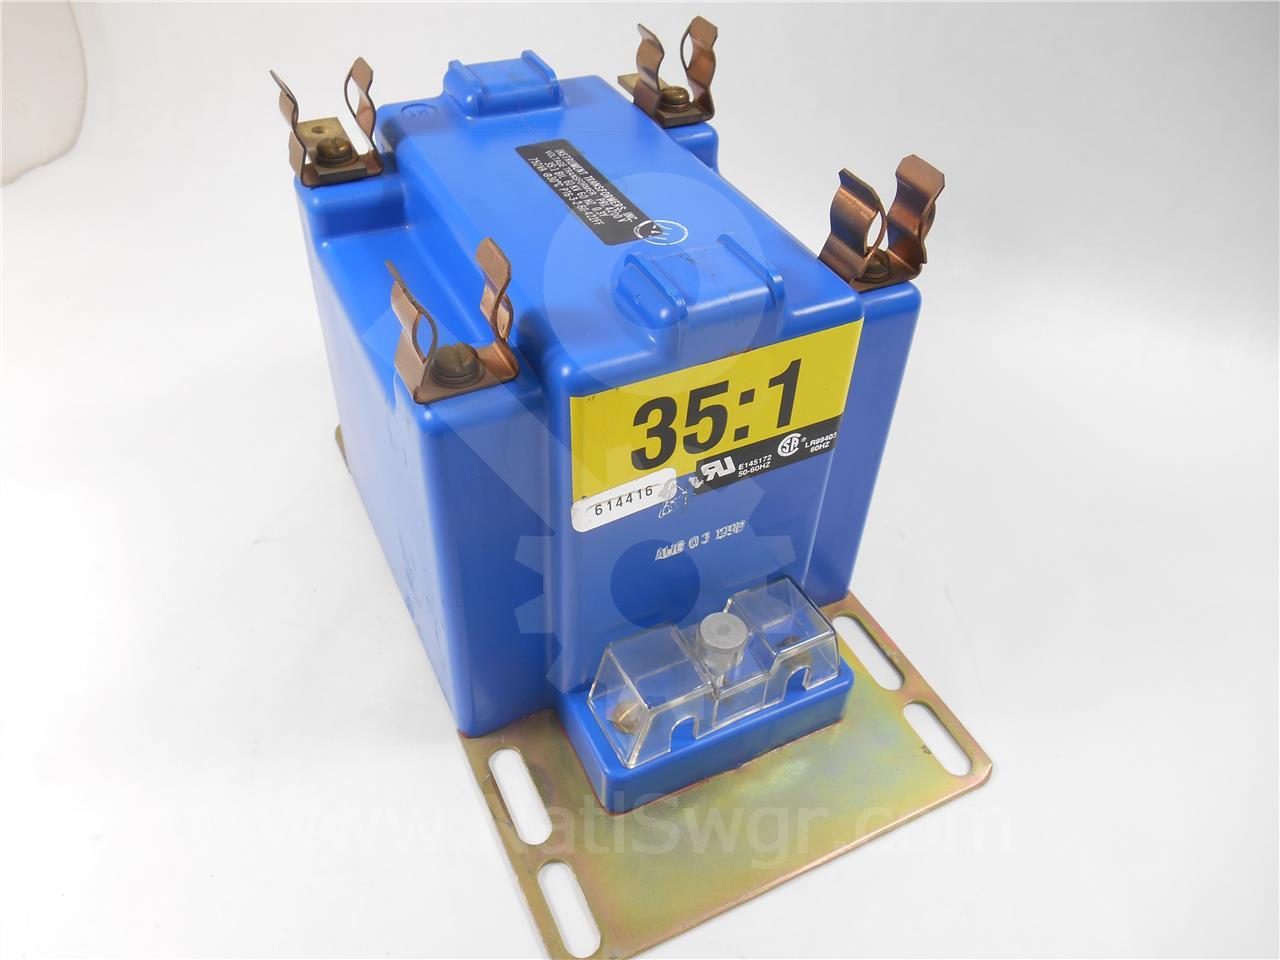 Instrument Transformer ITI 35:1 PT6 POTENTIAL TRANSFORMER